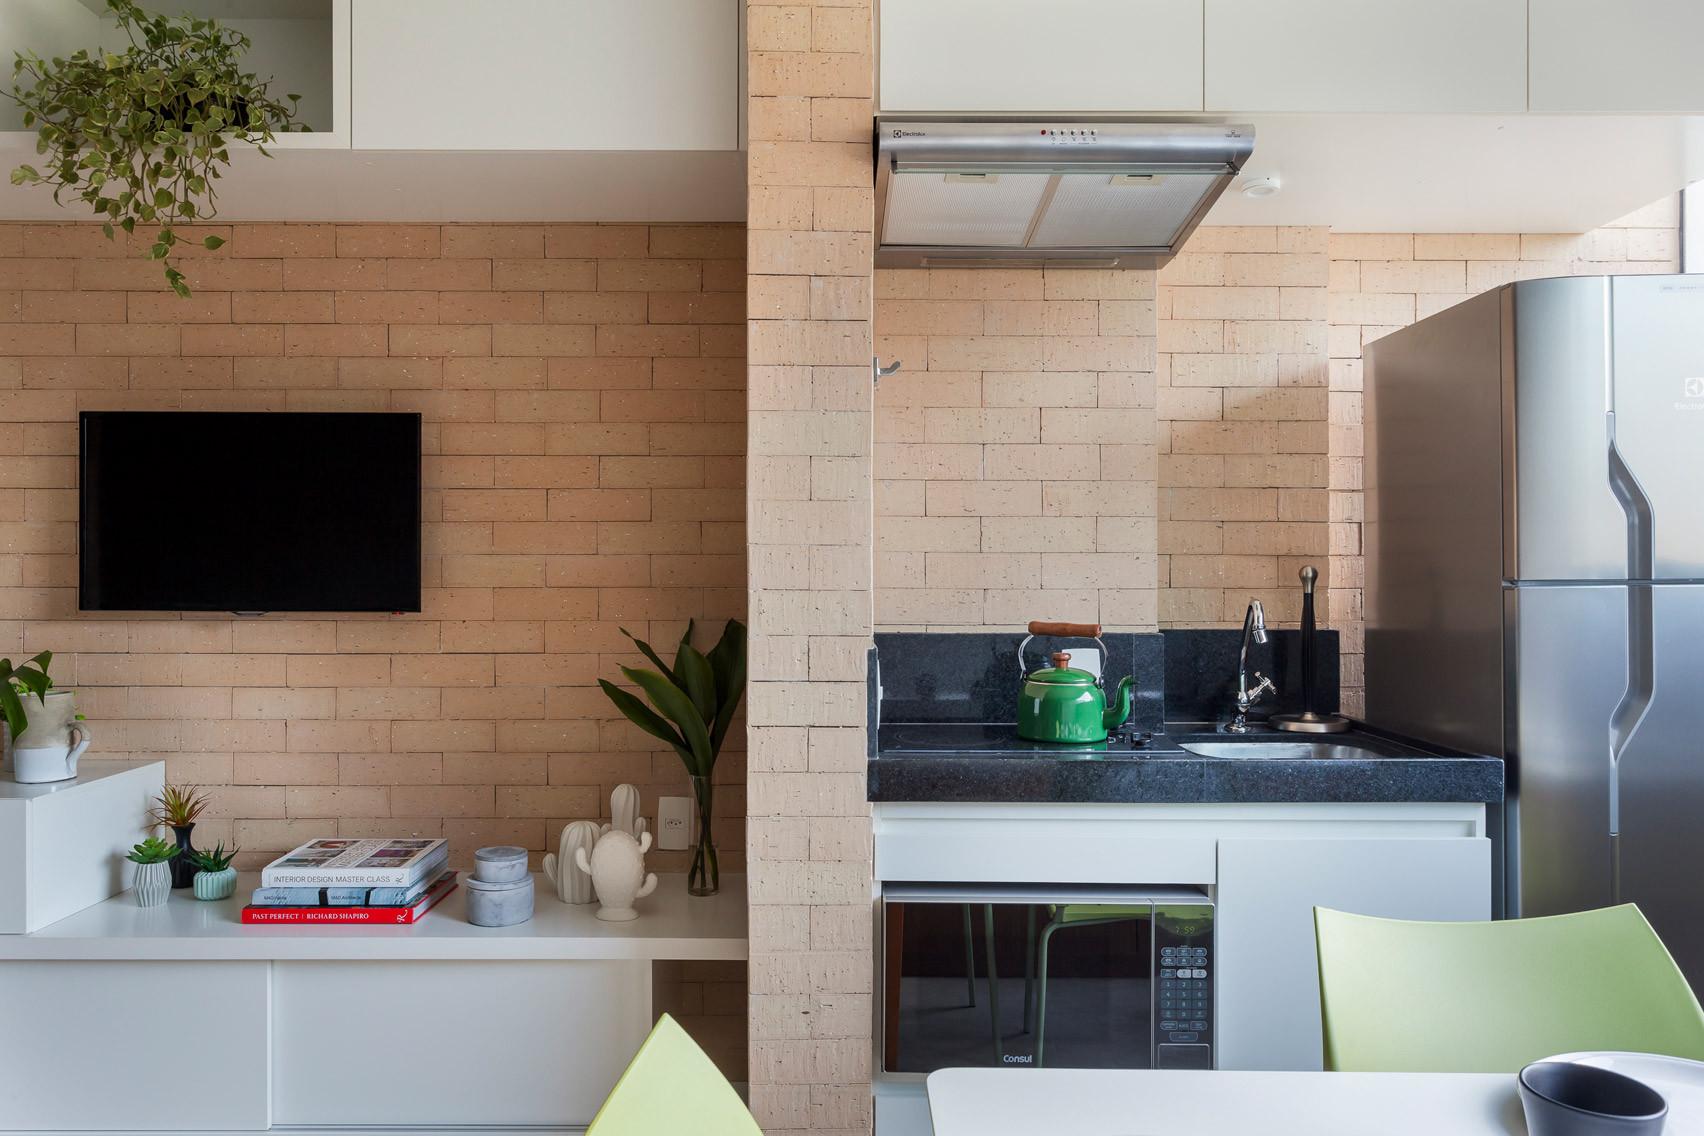 Khu vực bếp được ngăn cách với kệ trang trí phòng khách bằng một bức tường gạch dày.